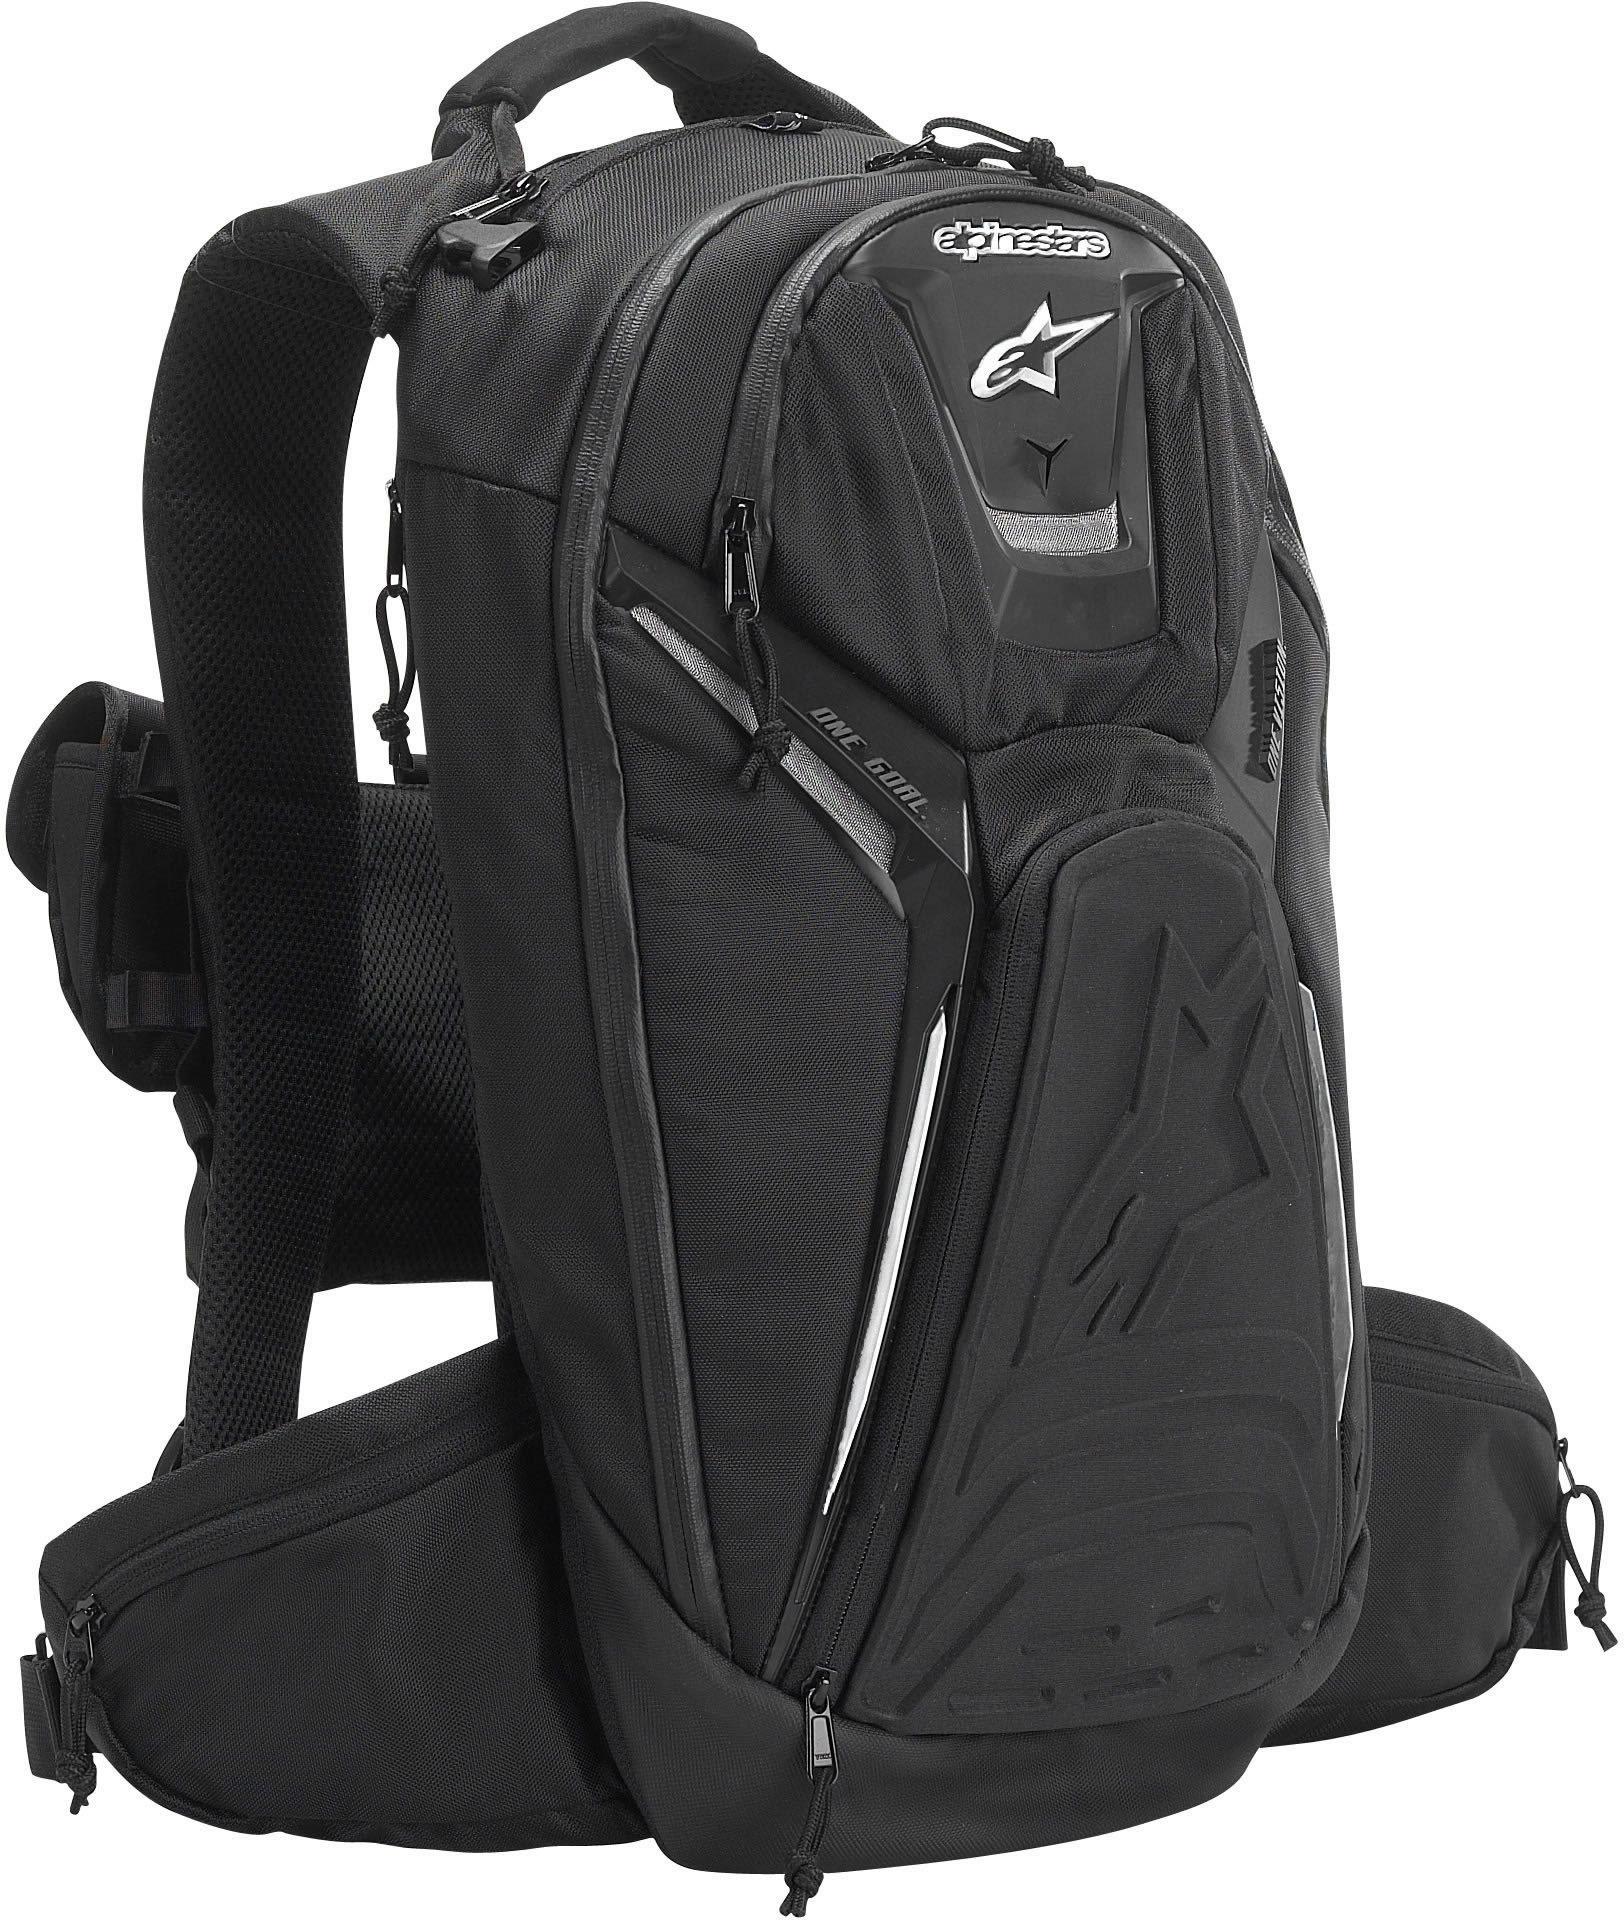 Рюкзак мото интернет магазин москва тактический рюкзак 40 литров